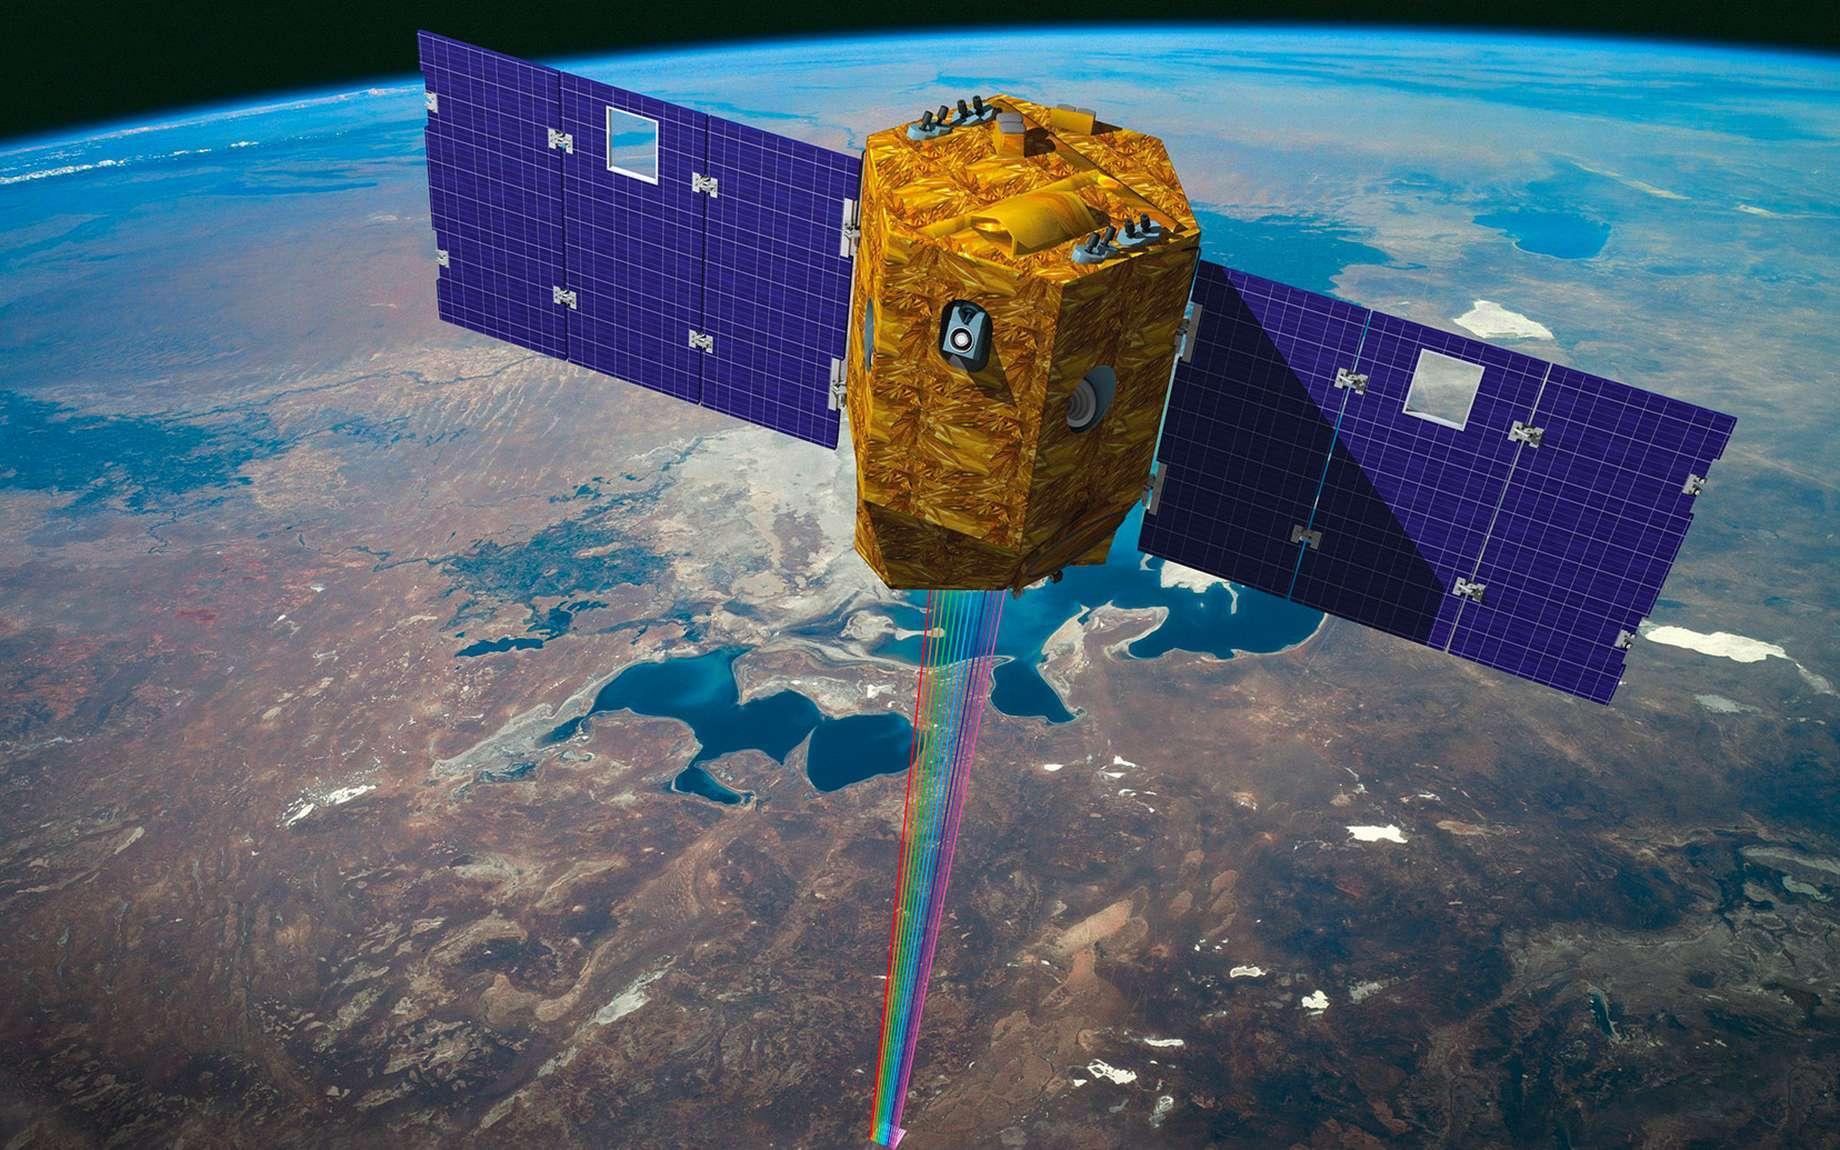 Venμs est un satellite franco-israélien conçu pour observer la Terre. Il a été construit par l'Agence spatiale israélienne tandis que le Cnes a fourni l'unique instrument du satellite et le centre de traitement et de distribution des images. © Cnes